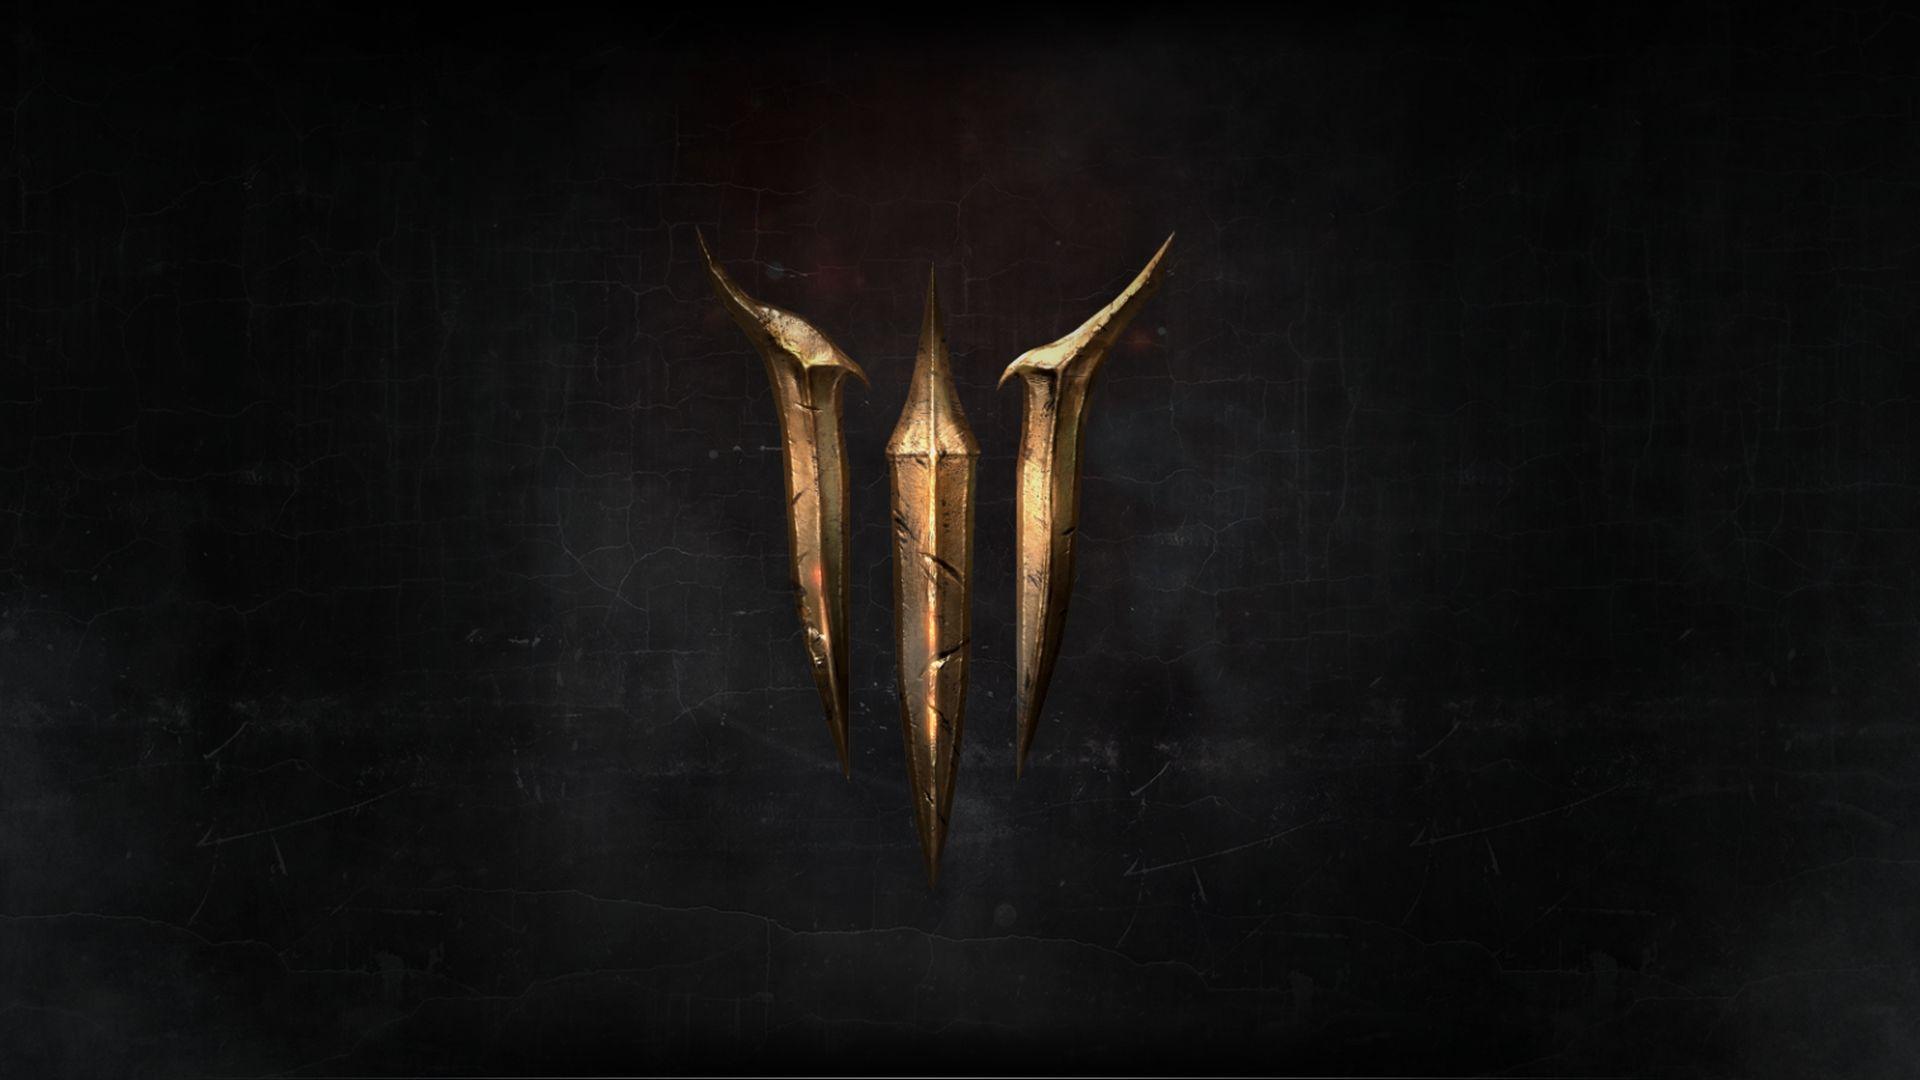 بازی Divinity: Original Sin 3 استودیو Larian Studios